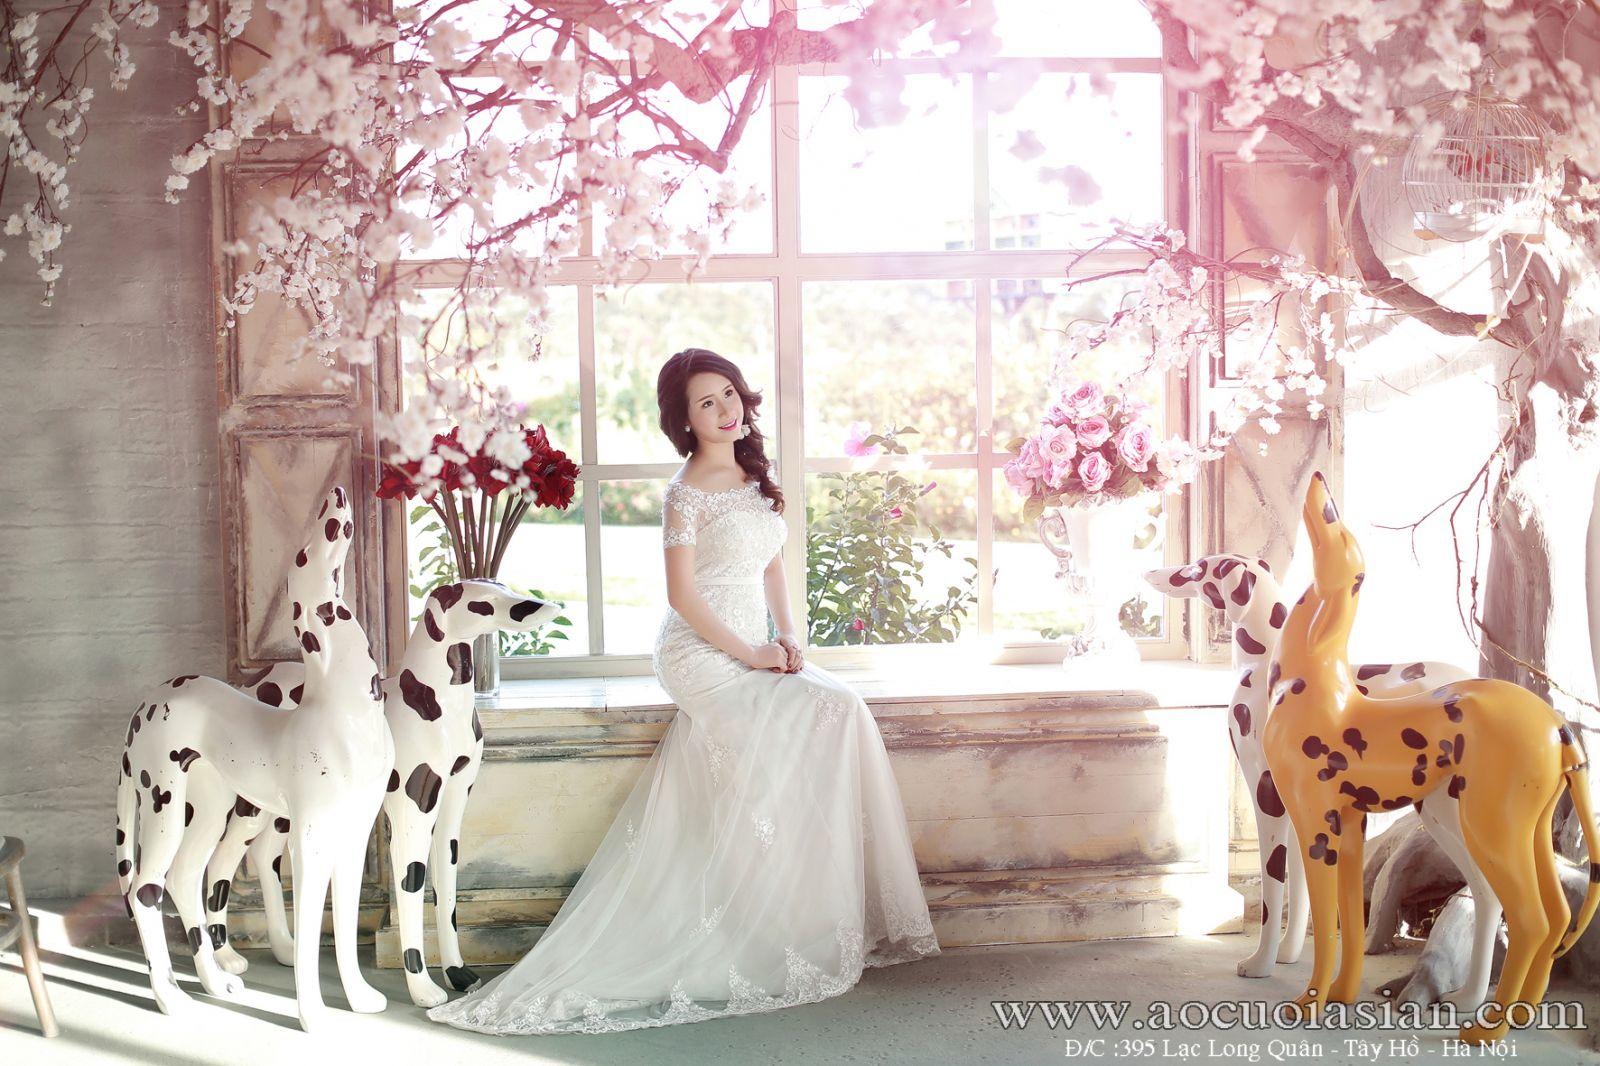 Xếp hạng 6 Studio chụp ảnh cưới phong cách Hàn Quốc đẹp nhất quận Tây Hồ, Hà Nội -  Ảnh Viện Áo Cưới Asian